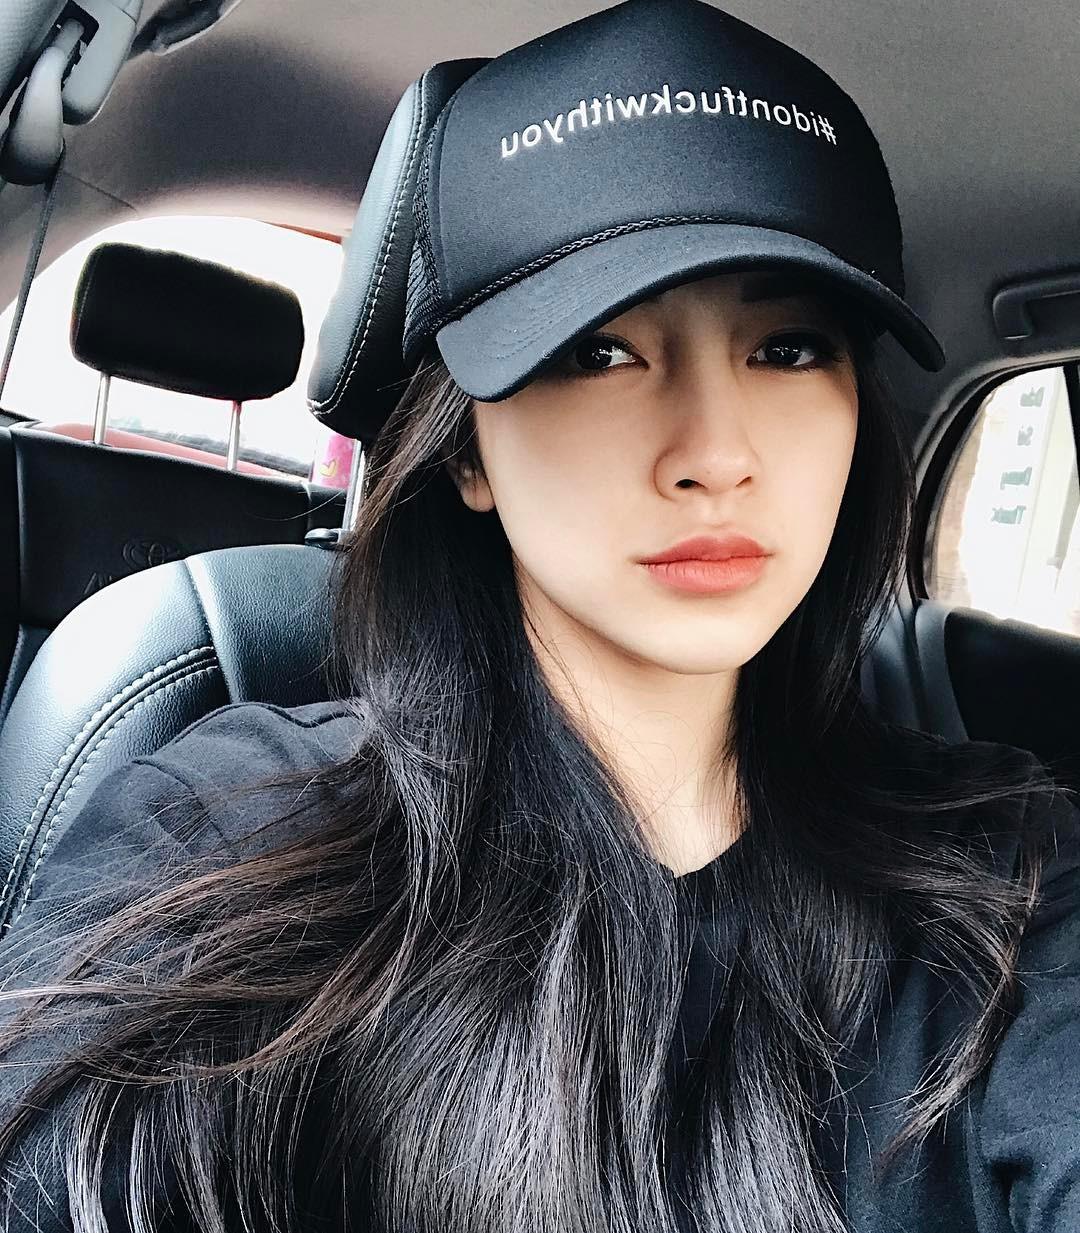 Jessie Lương - Cô nàng người Việt với vẻ đẹp nữ thần khiến ai cũng nhầm là con lai - Ảnh 1.